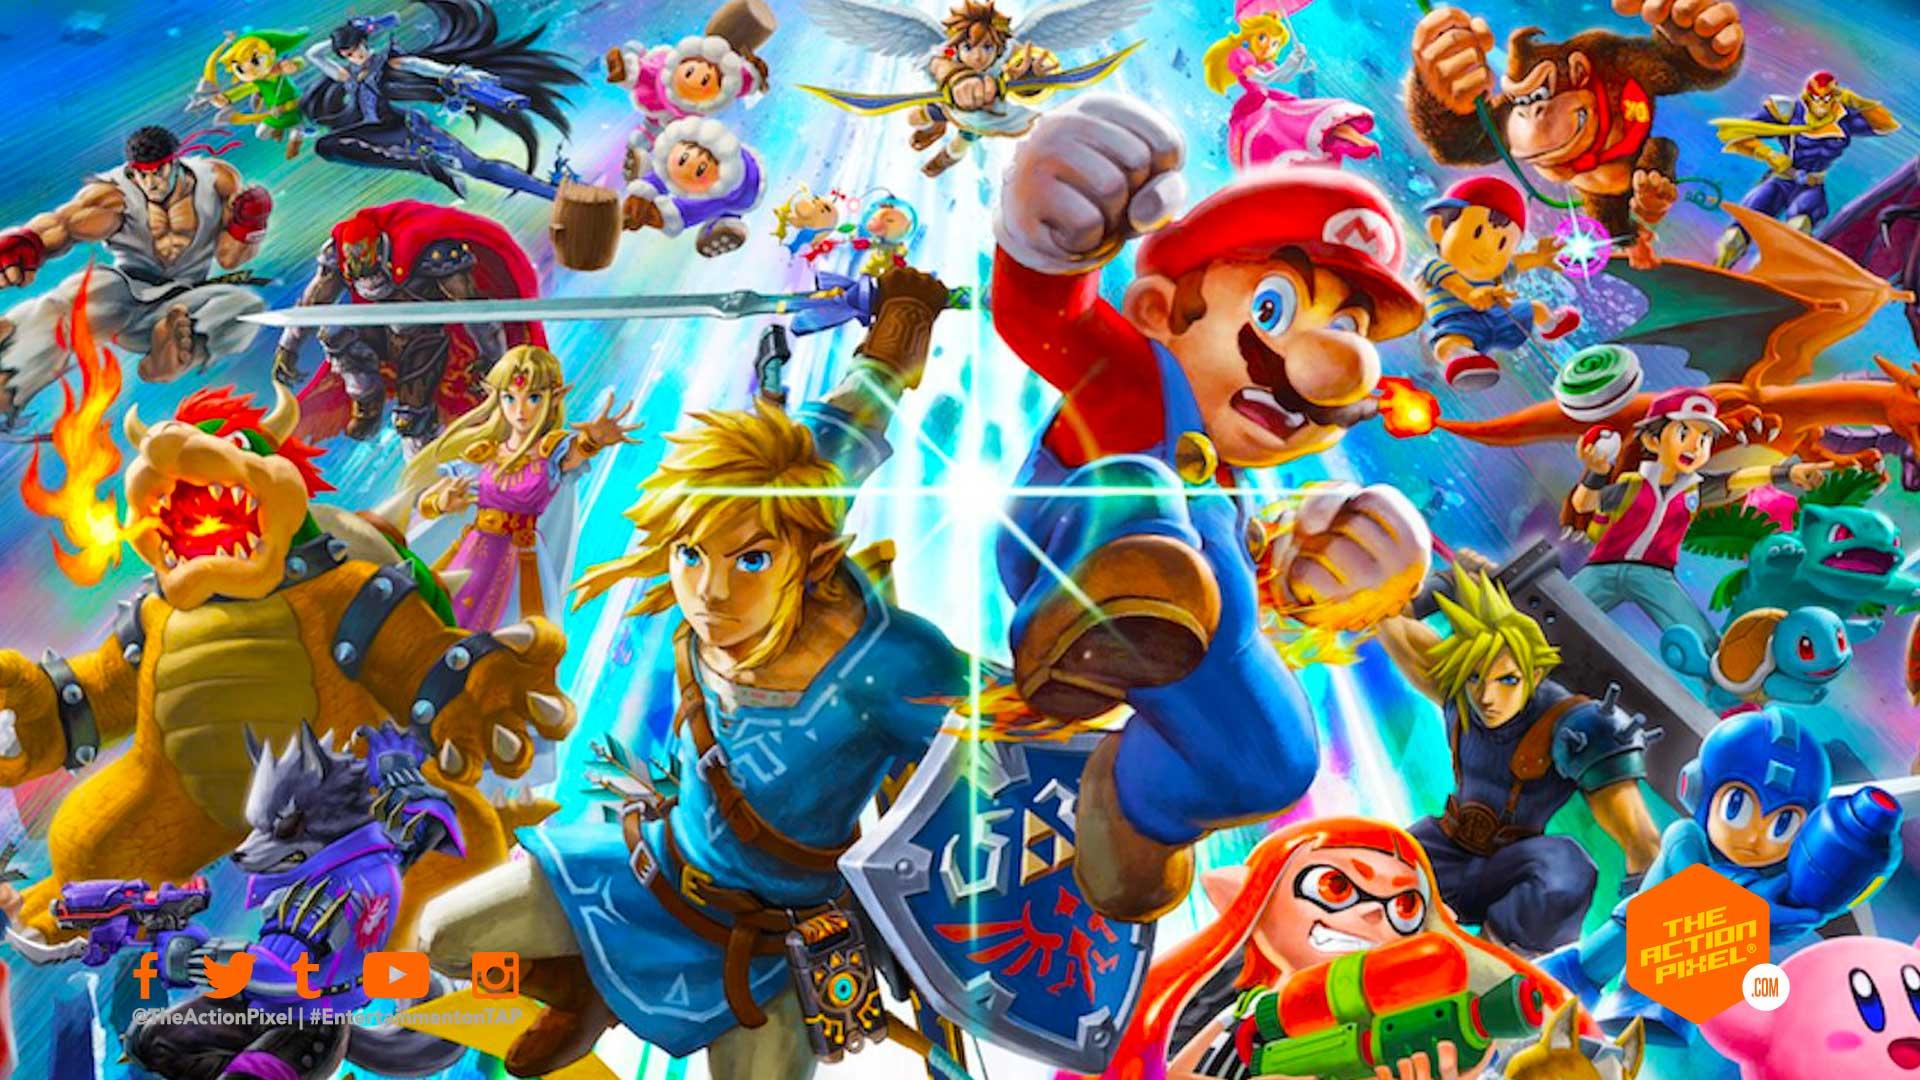 super smash bros., the action pixel, entertainment on tap,super smash bros ultimate, super smash bros dlc character, featured, entertainment on tap, the action pixel